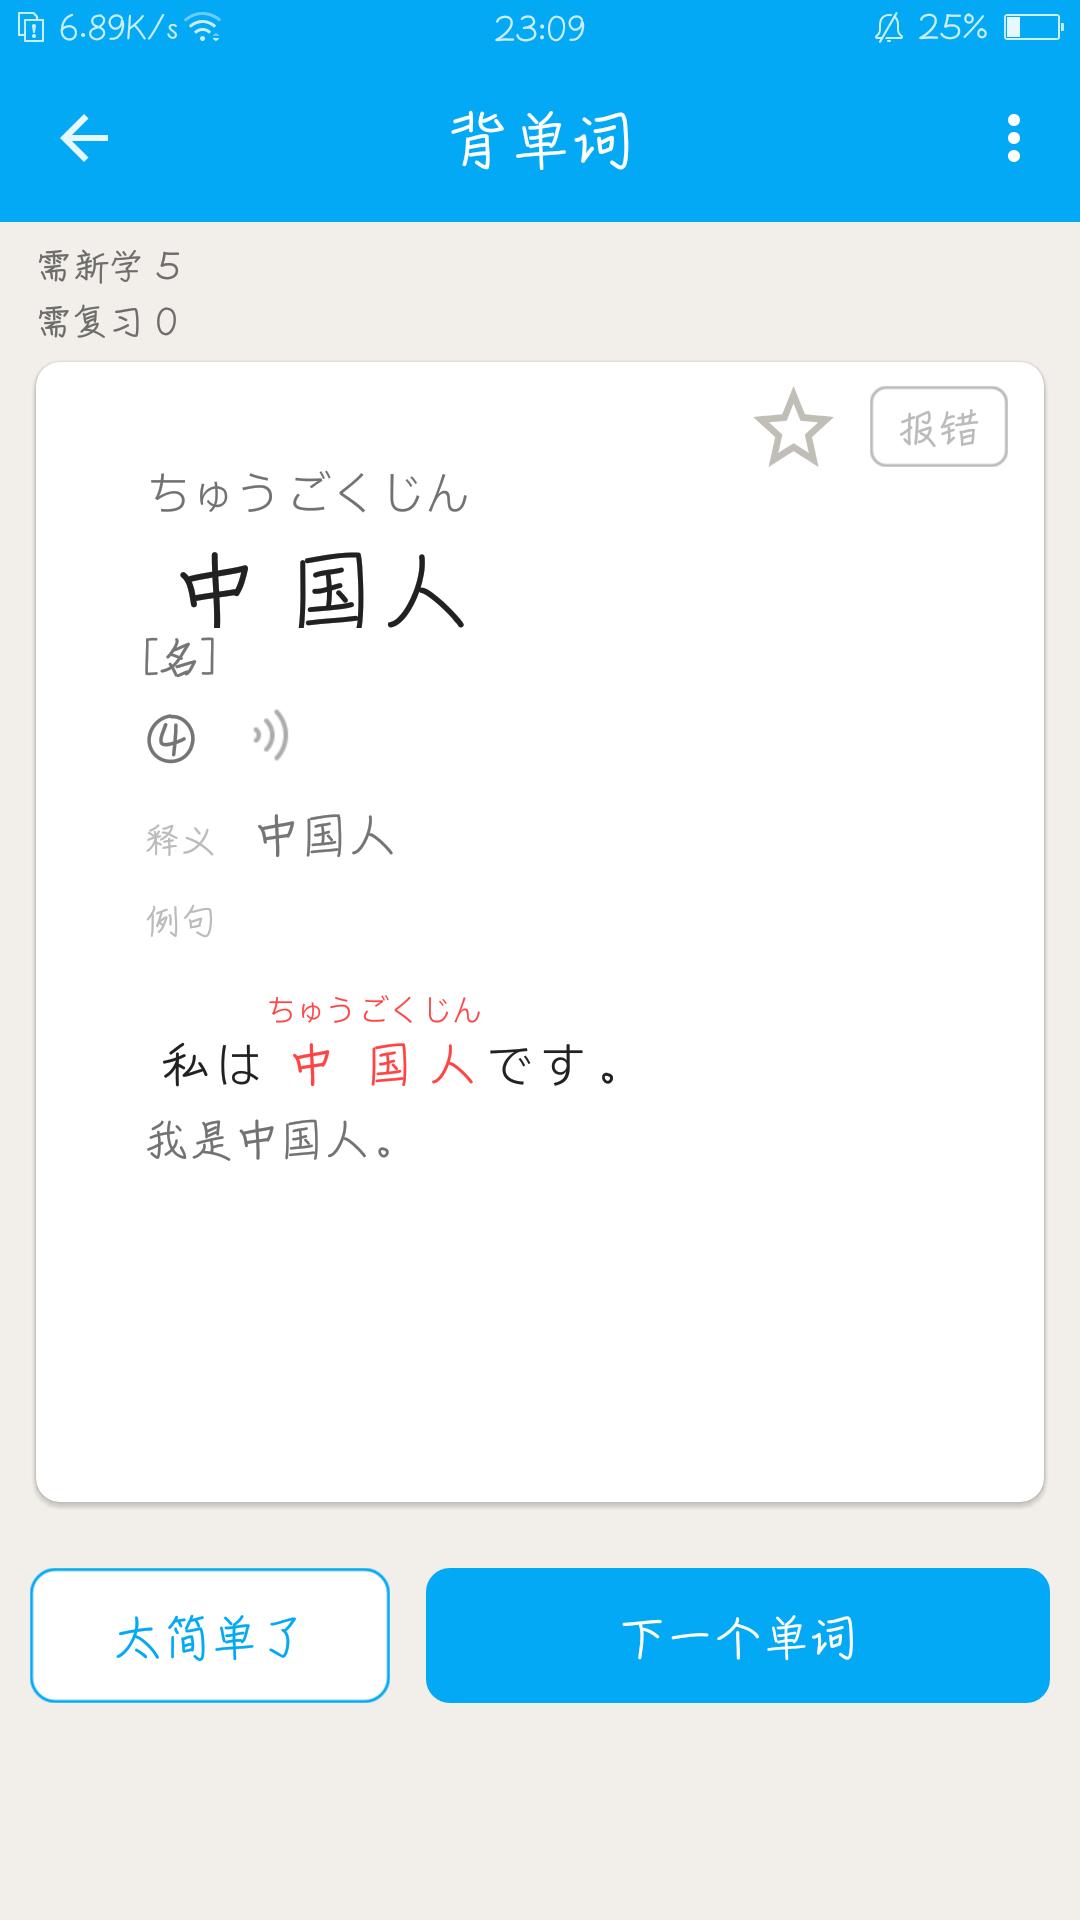 【分享】日语学习 3.6.0